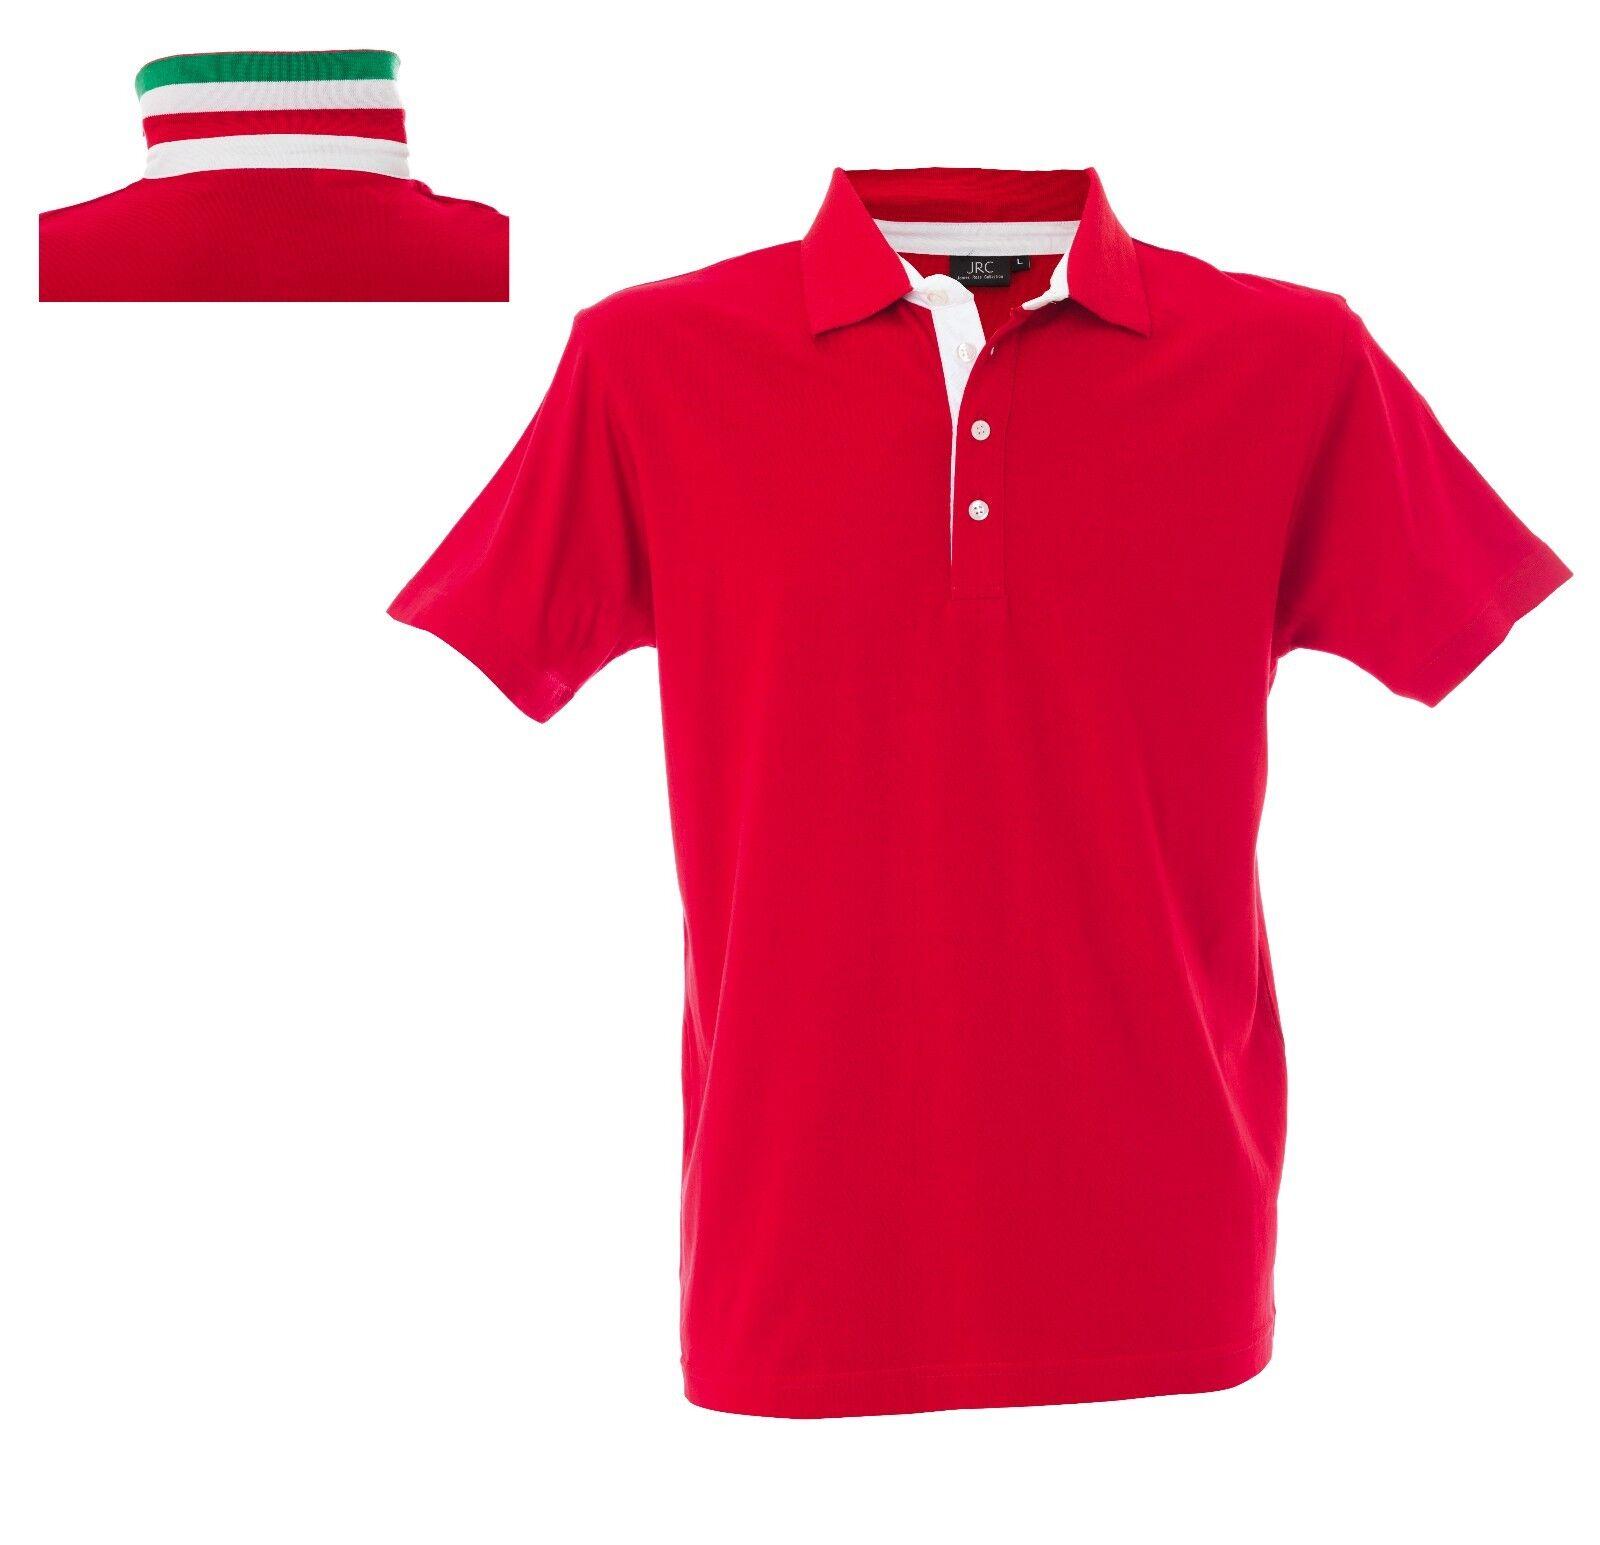 RICCIONE Polo manica corta jersey in jersey corta CON COLLETTO STAMPATO COLORI ITALIA dfb33c